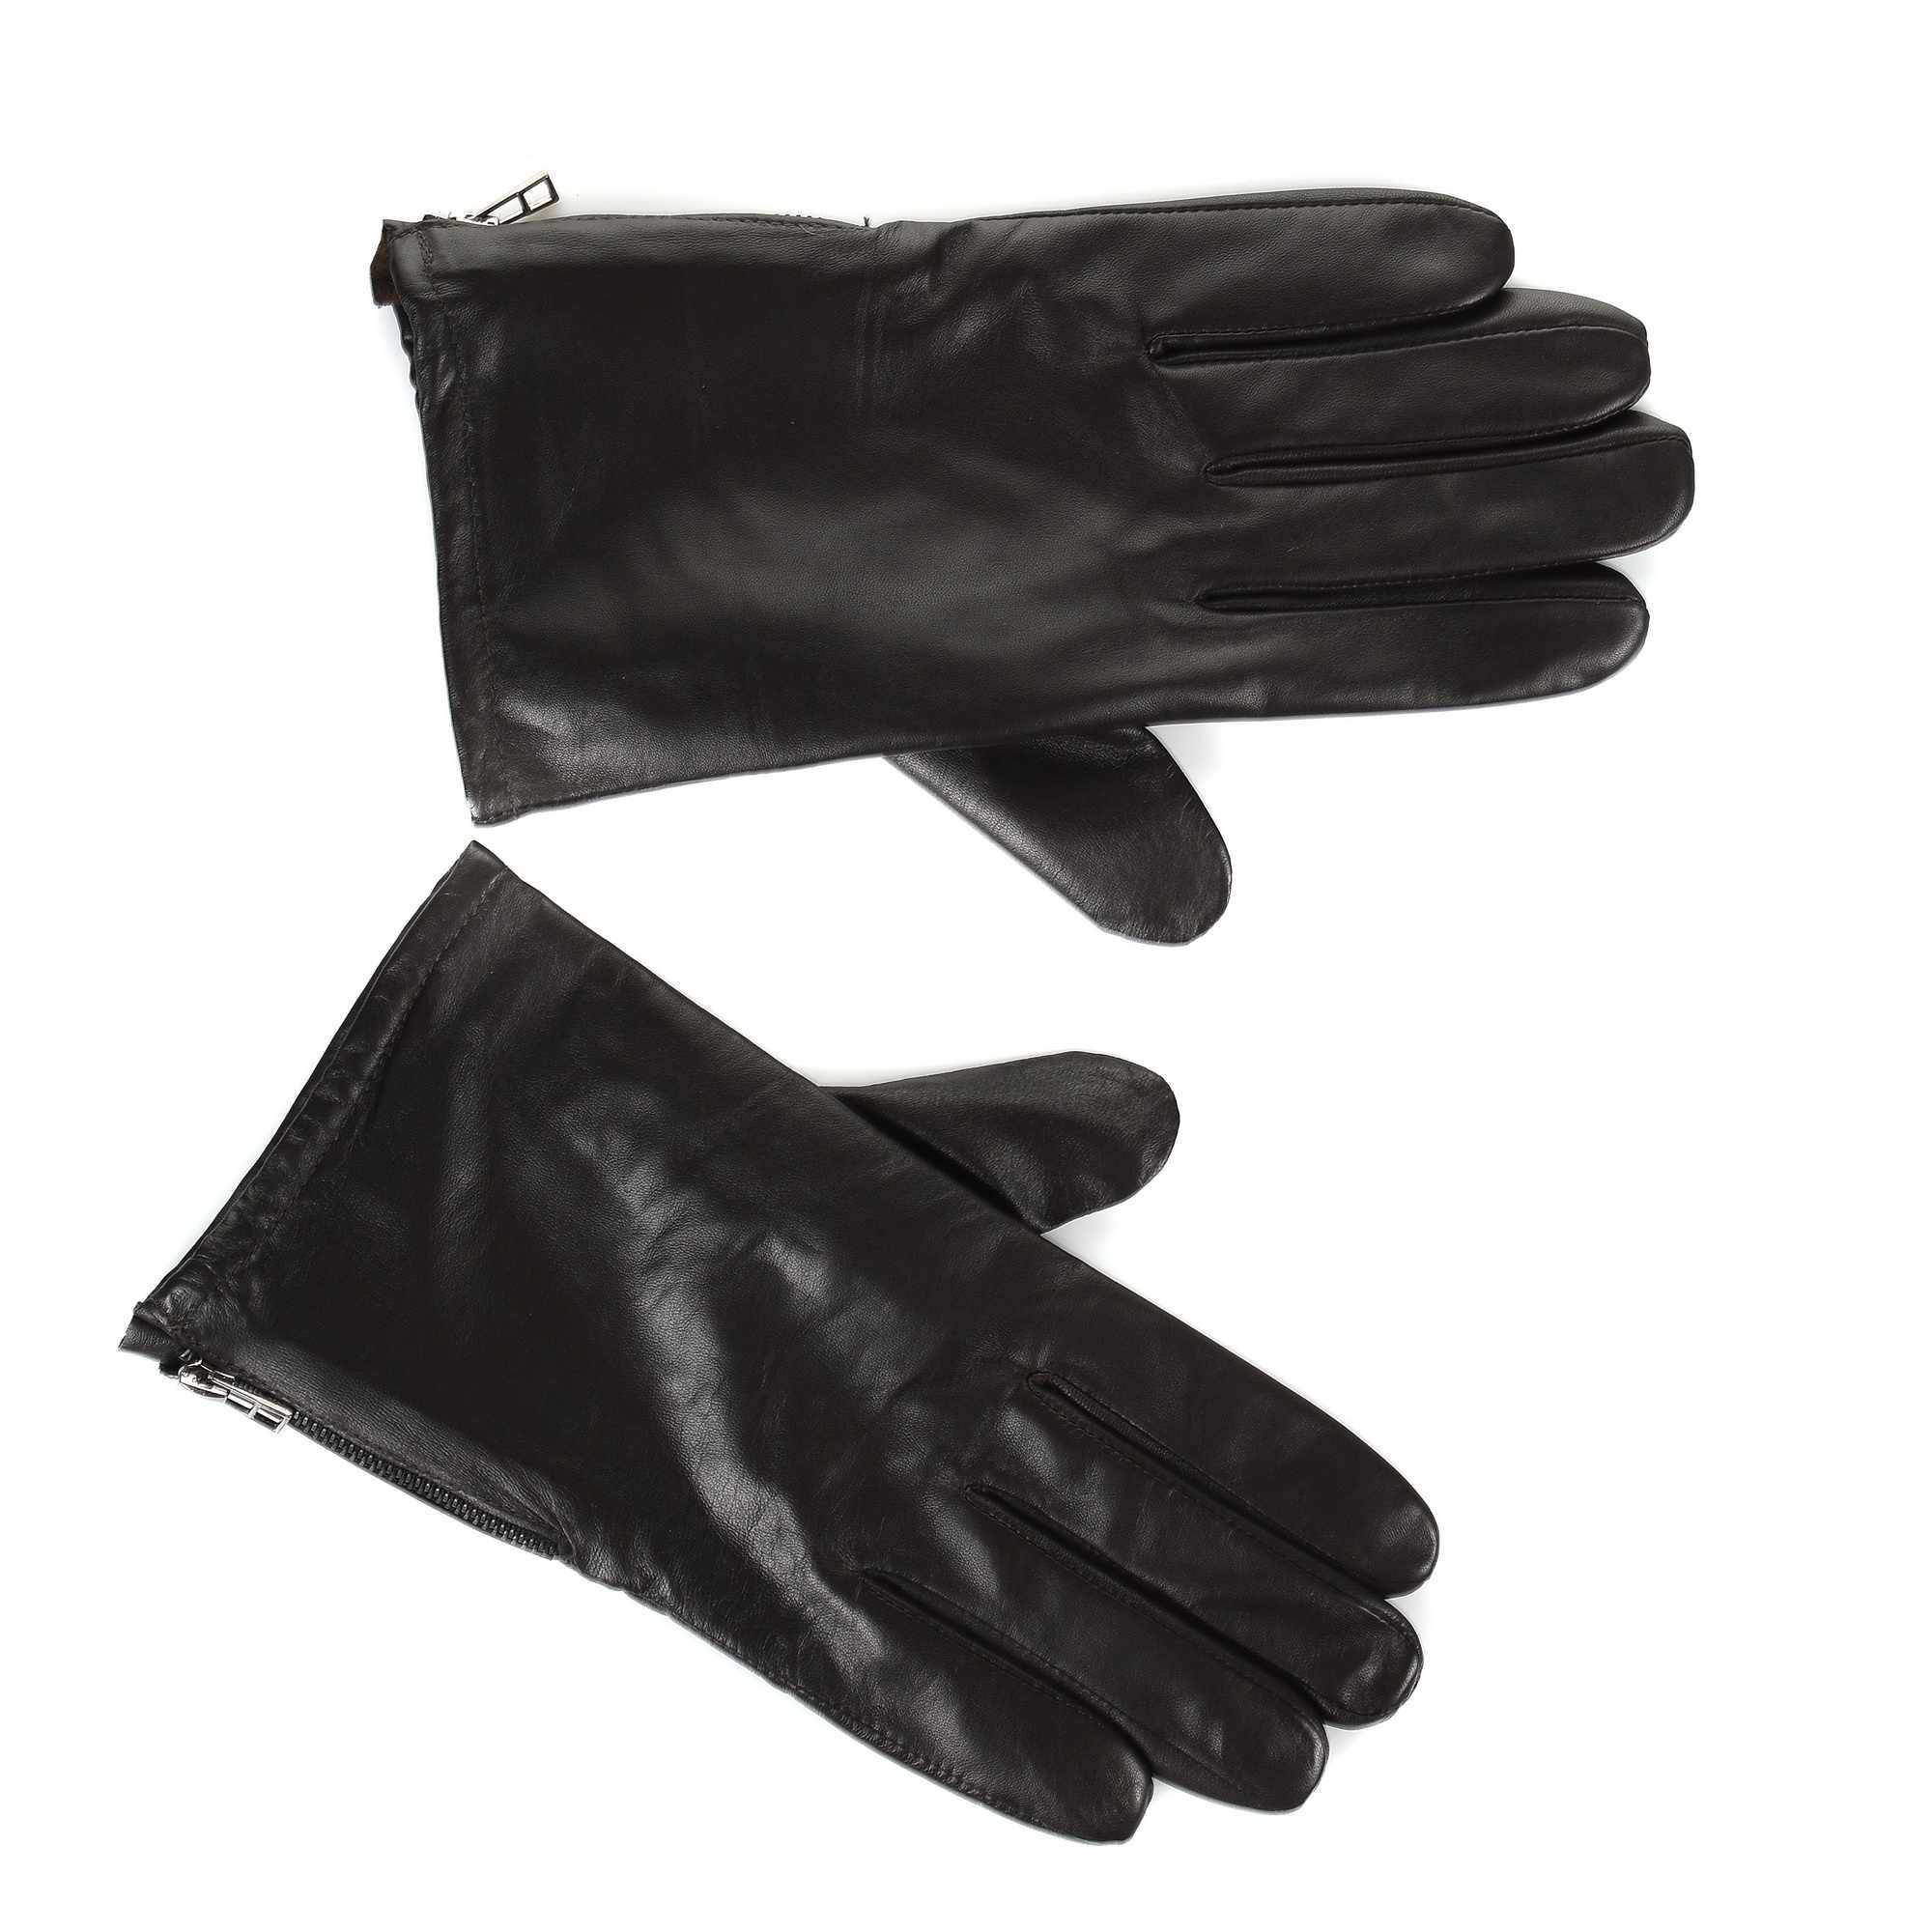 Δερμάτινα Γάντια Guy Laroche 98957 ανδρας   αντρικό γάντι